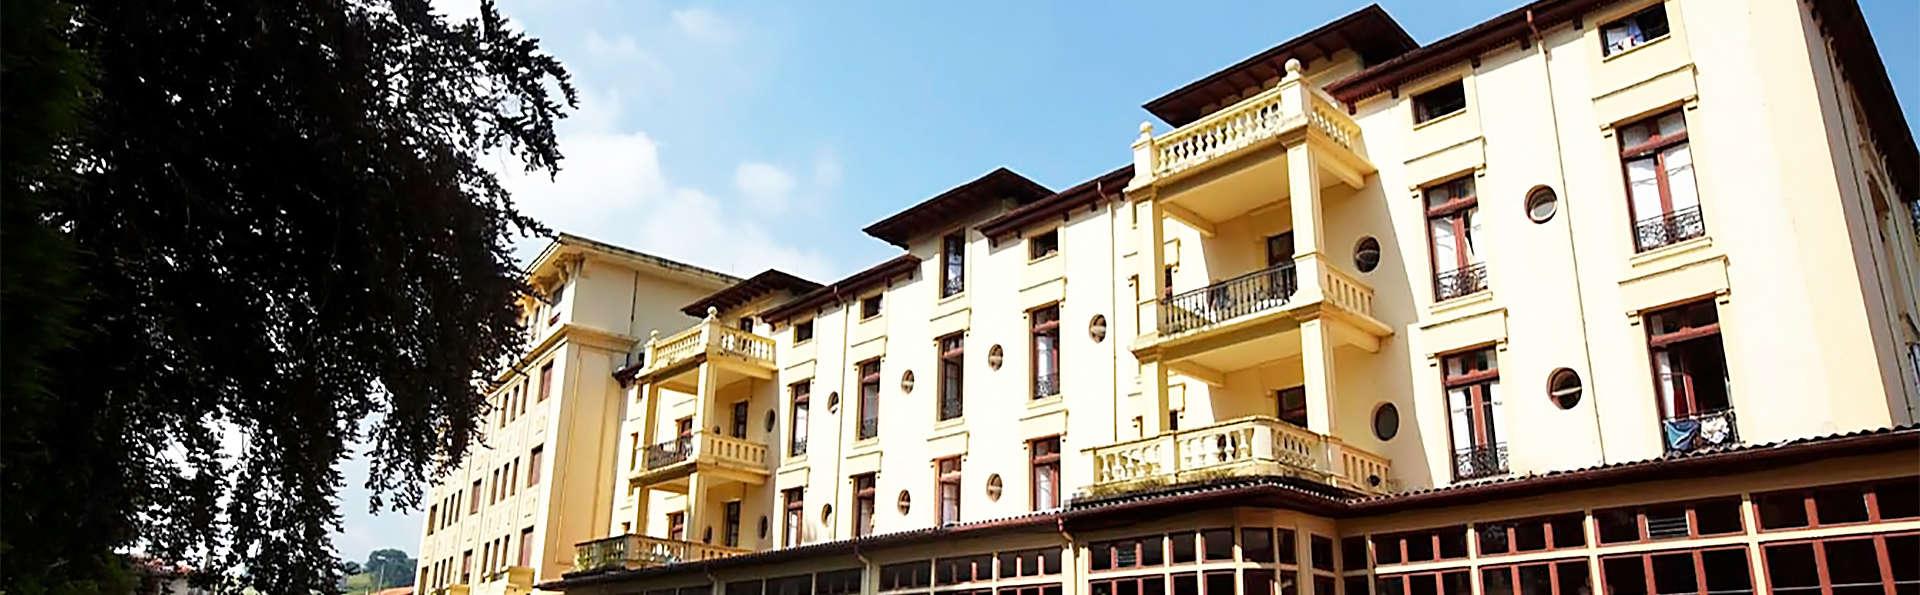 Gran Hotel Balneario de Liérganes - EDIT_facade2.jpg